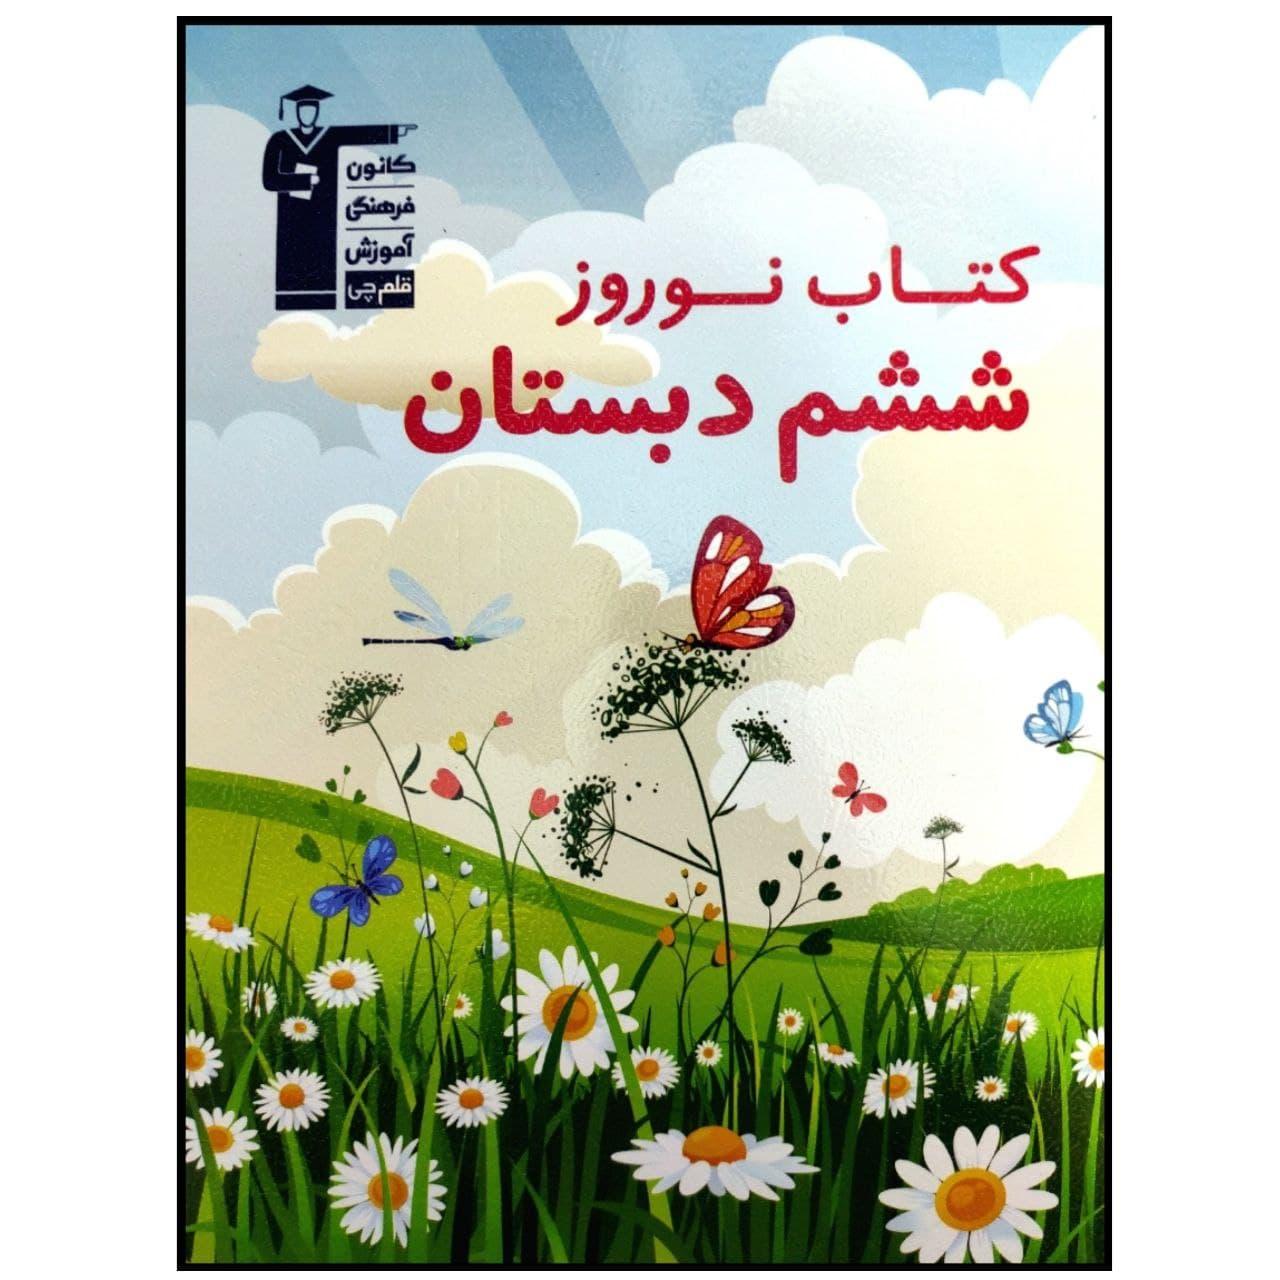 کتاب نوروز ششم دبستاناثر جمعی از نویسندگان انتشارات قلم چی